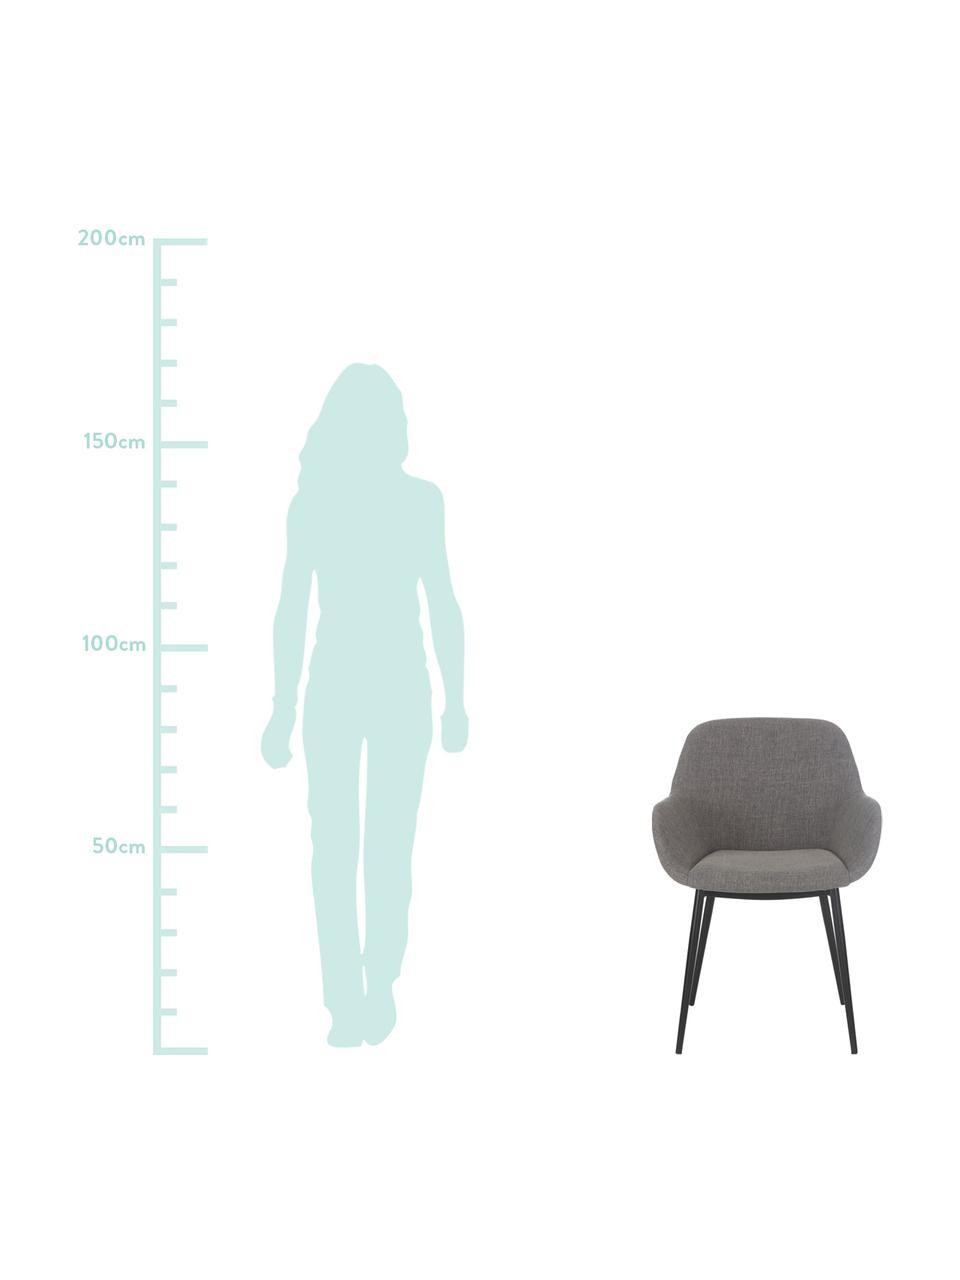 Krzesło z podłokietnikami Kona, 2szt., Tapicerka: poliester Dzięki tkaninie, Nogi: metal lakierowany, Szary, S 59 x G 56 cm